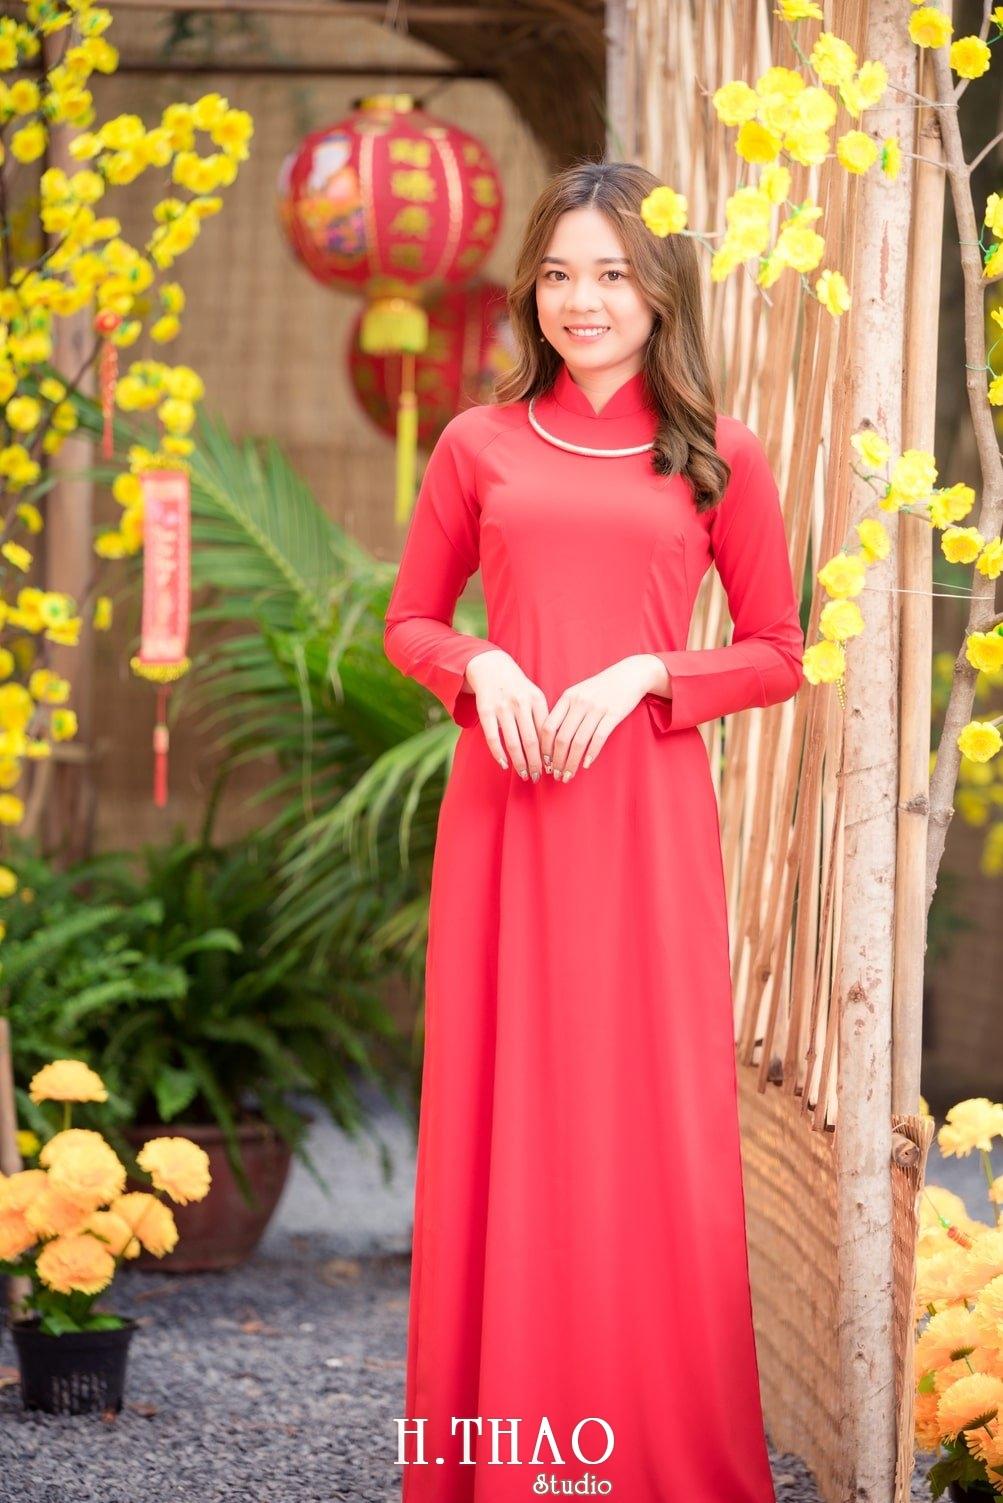 Ao dai tet do 9 - Top 40 ảnh áo dài chụp với Hoa đào, hoa mai tết tuyệt đẹp- HThao Studio